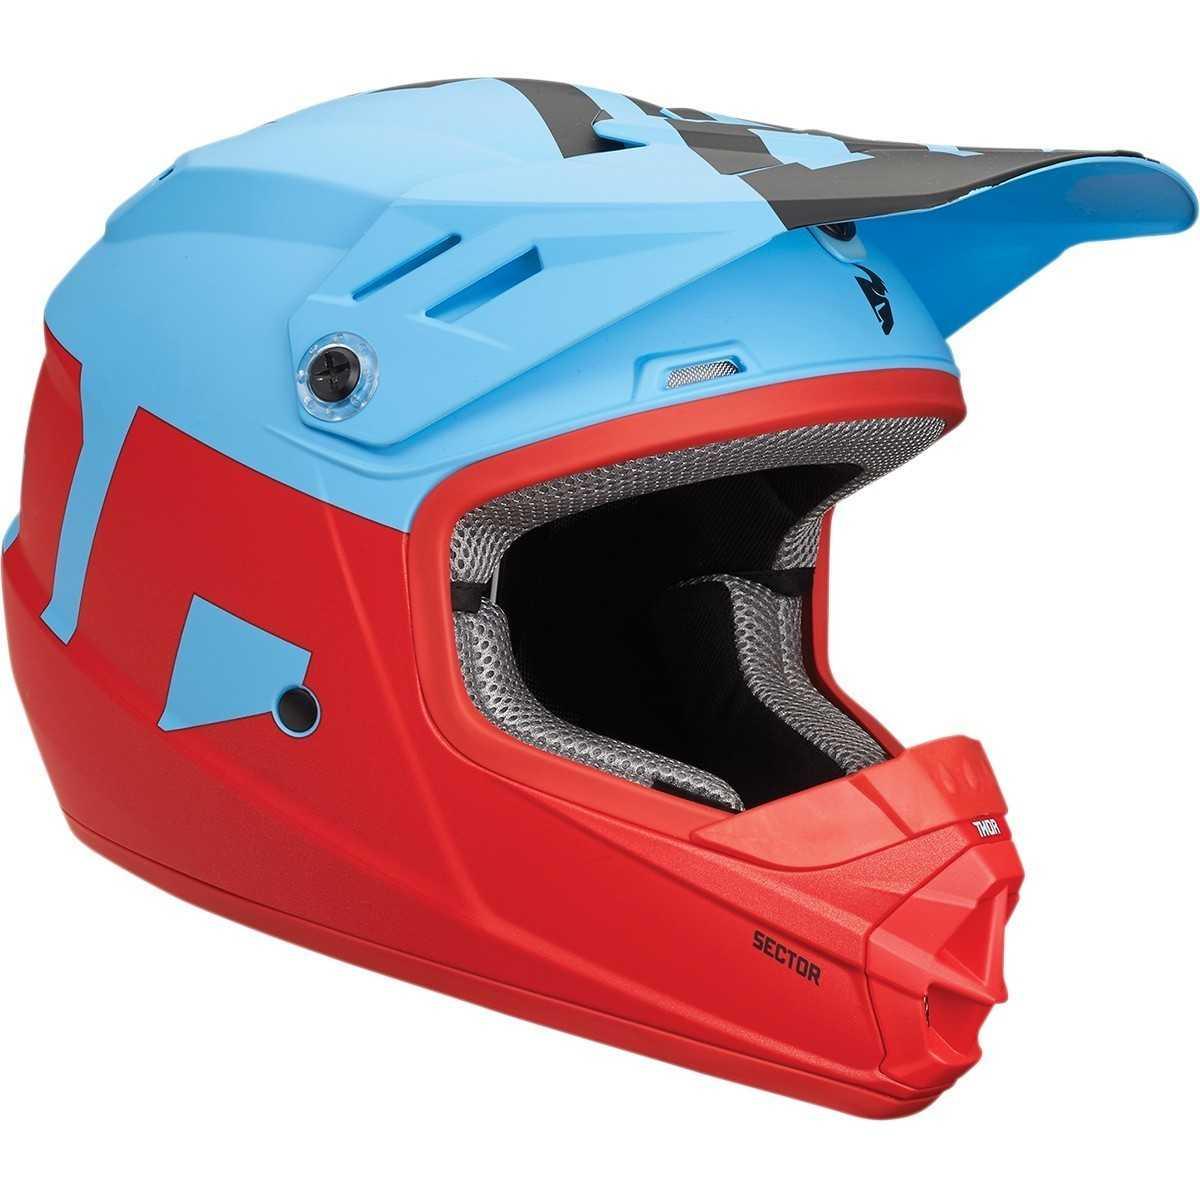 Как выбрать детский шлем: подобрать шлем для ребенка